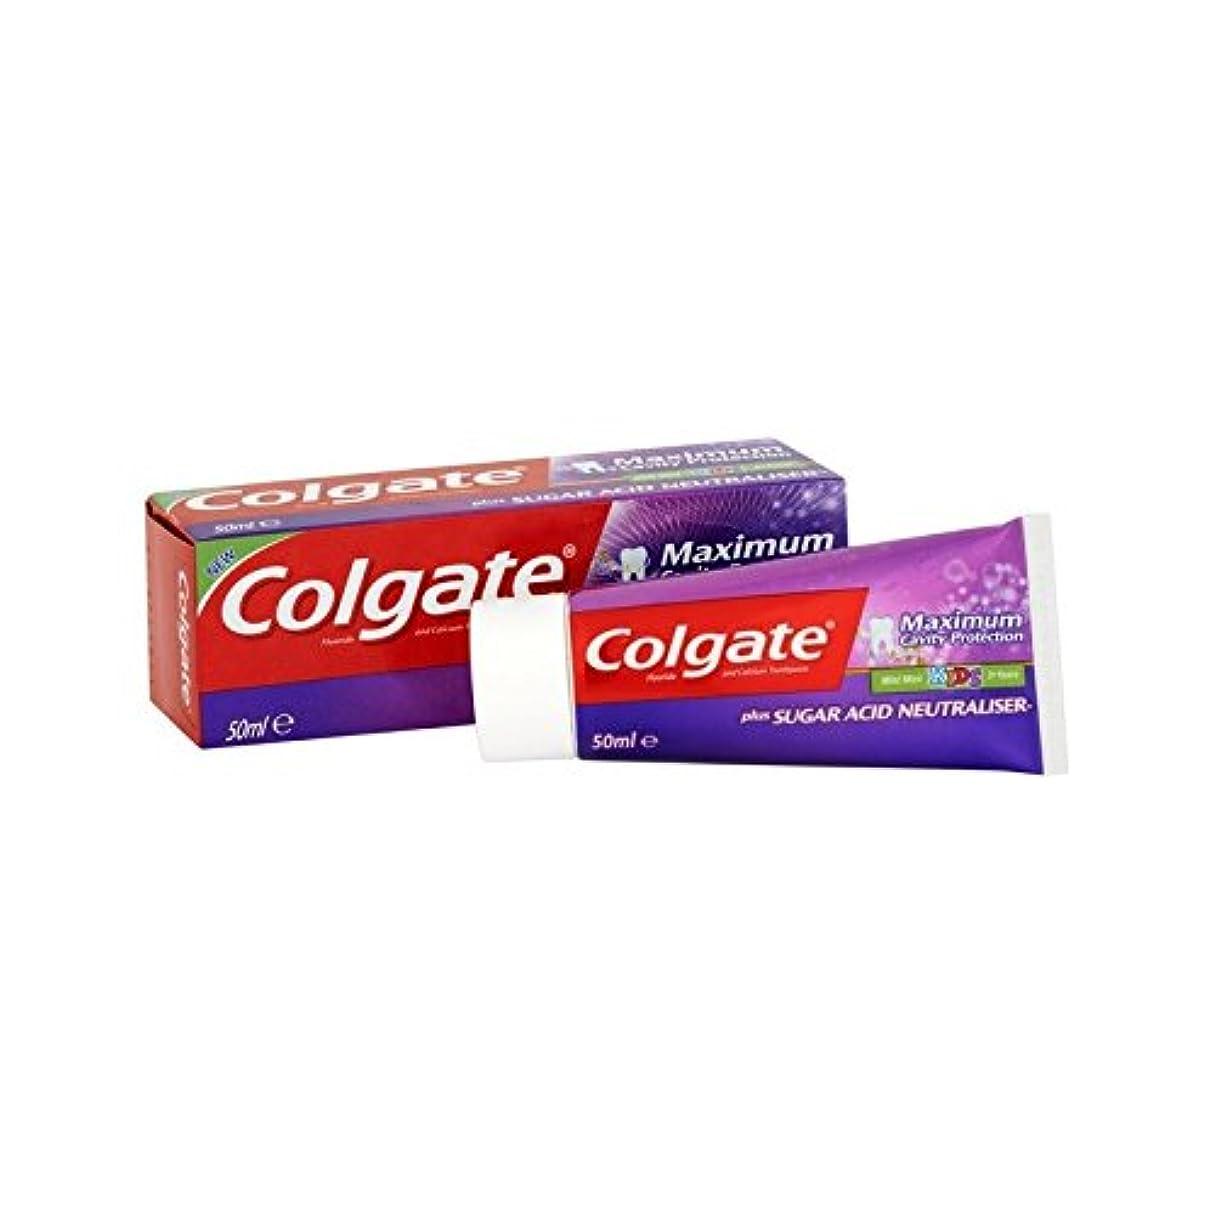 民主主義ガイドライン再撮り最大空洞の子供の50ミリリットルを保護 (Colgate) (x 6) - Colgate Maximum Cavity Protect Kids 50ml (Pack of 6) [並行輸入品]